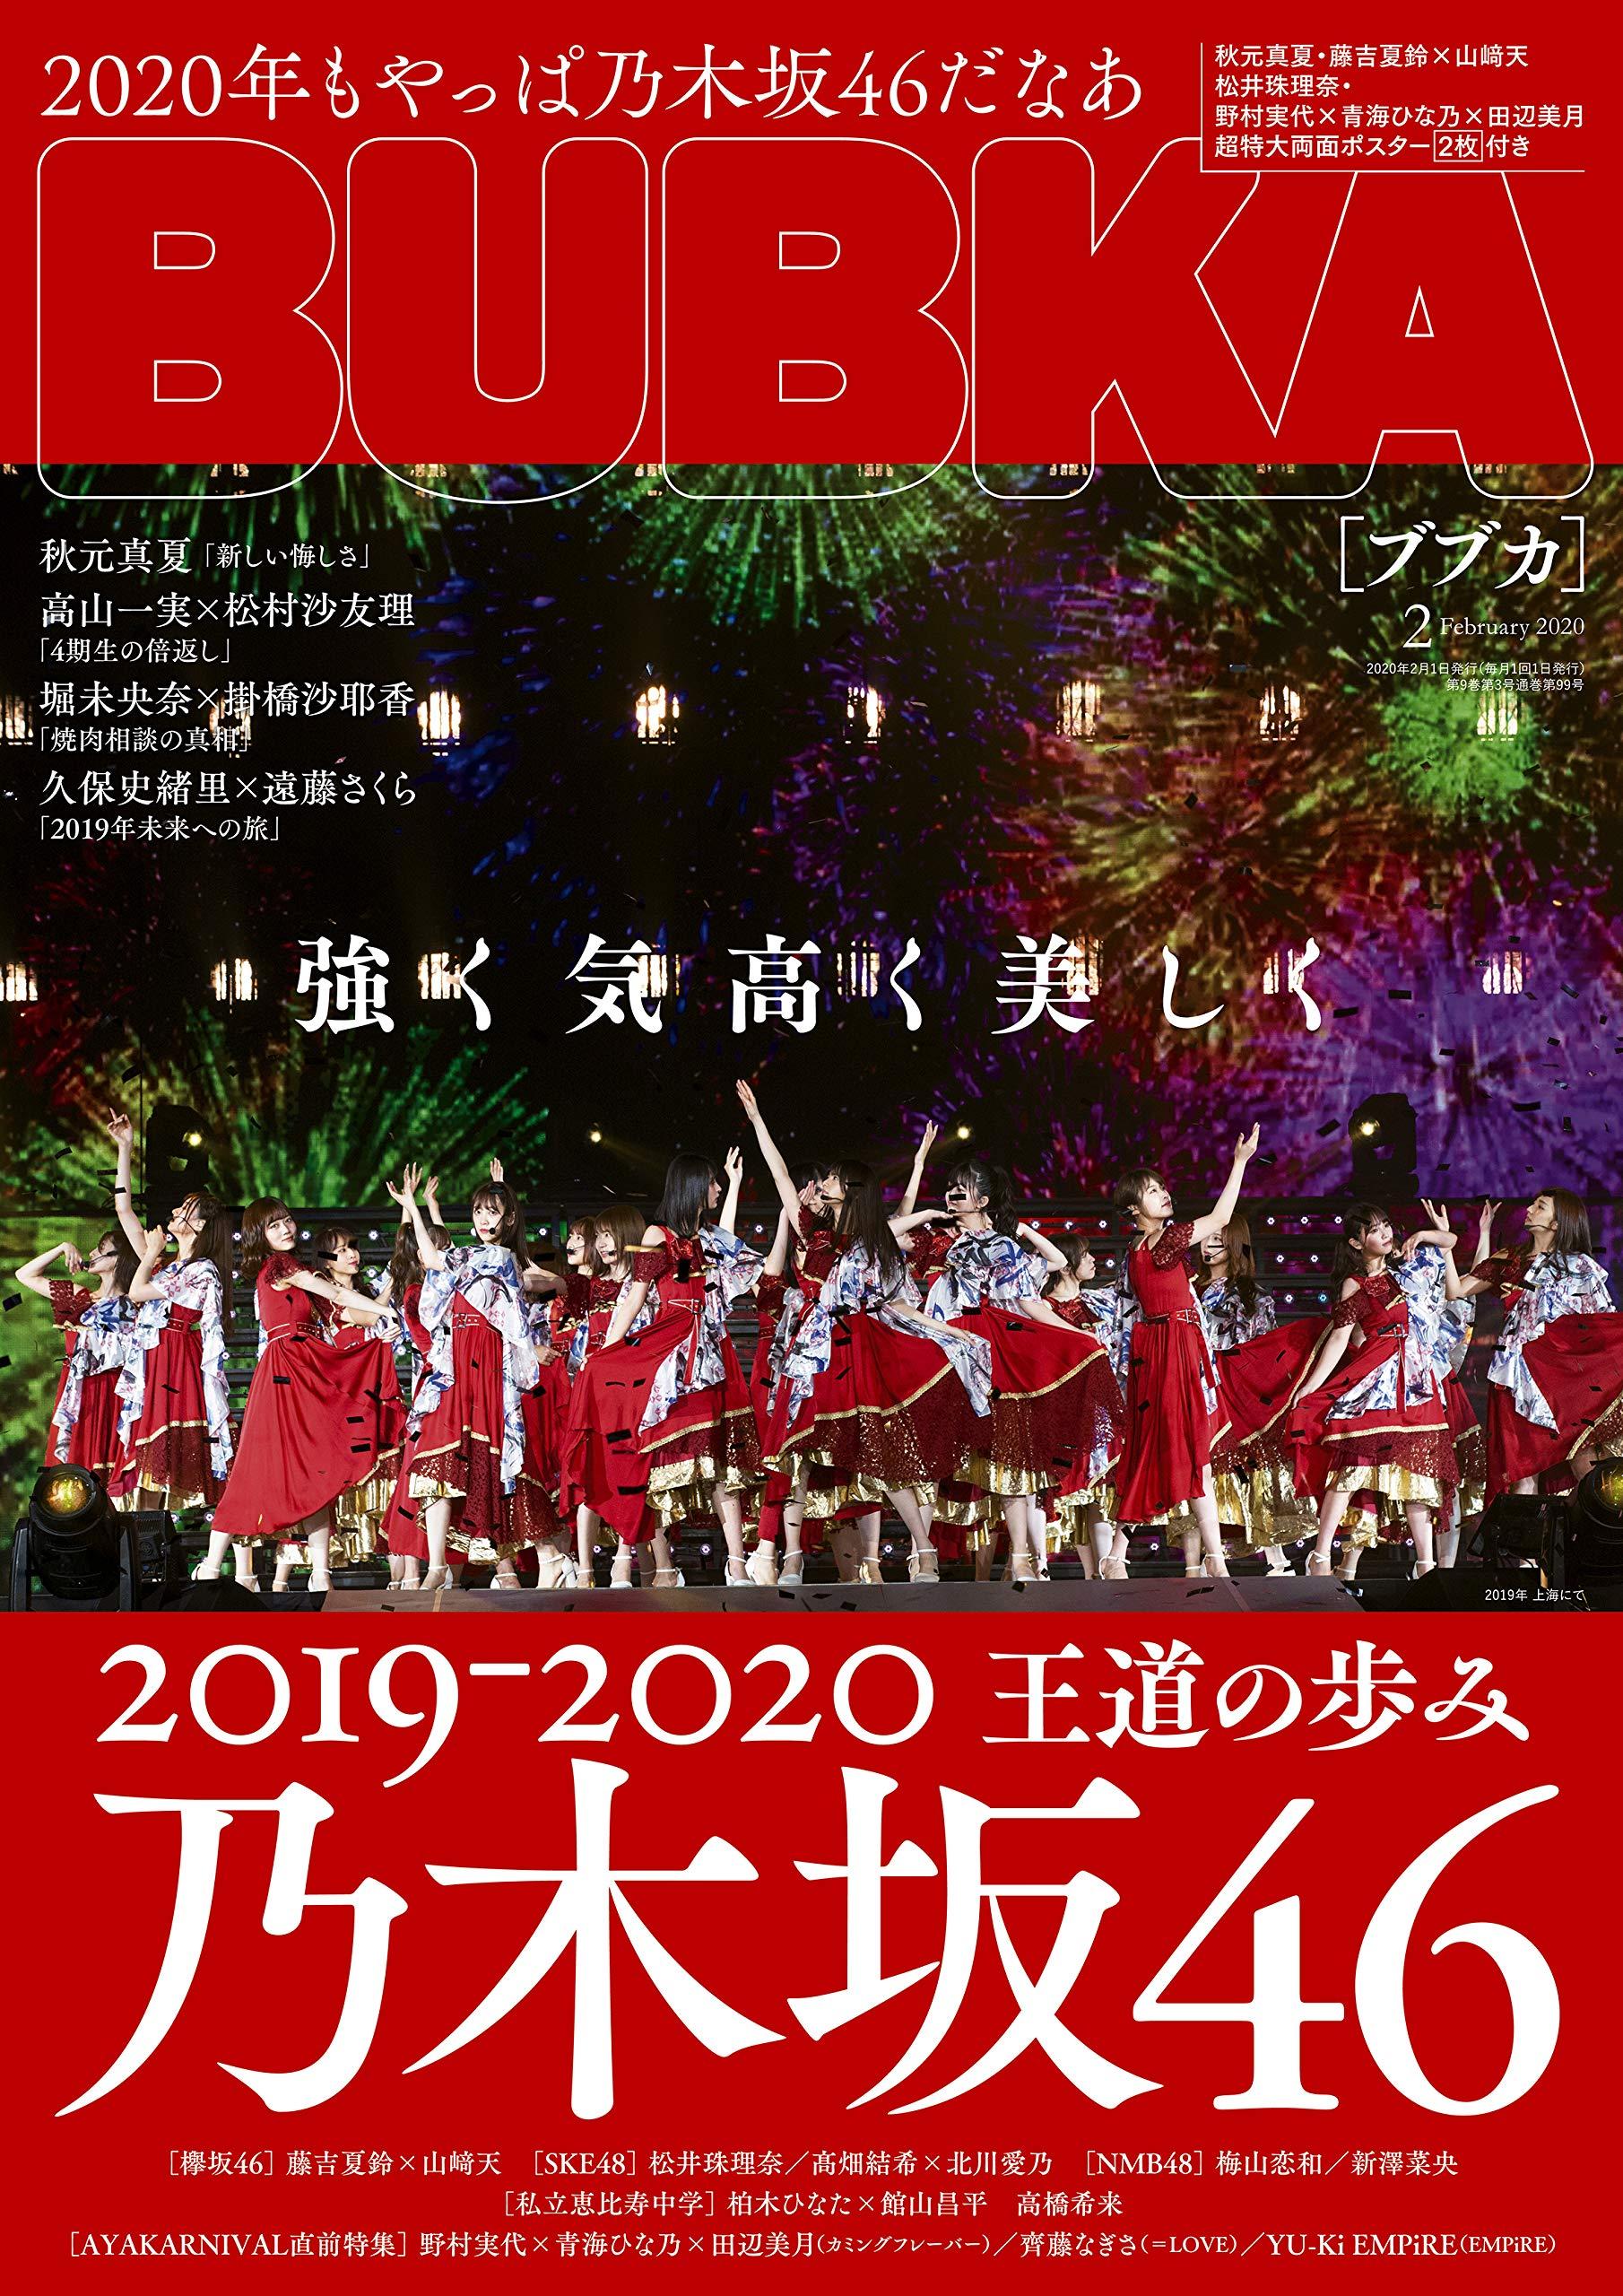 BUBKA 2020年02月号 乃木坂46